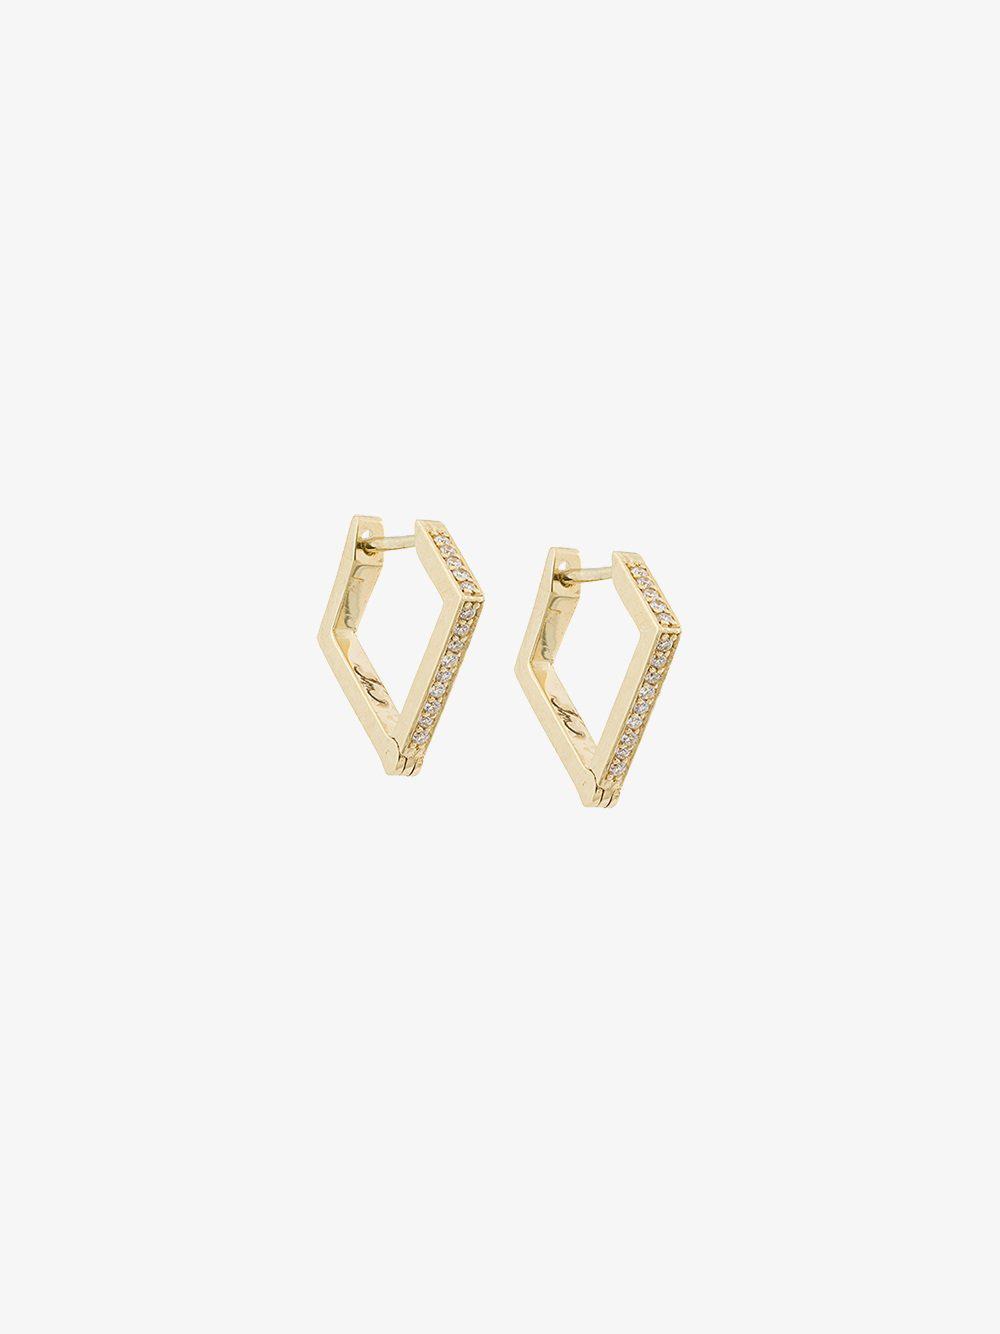 Lizzie Mandler Trillion diamond pave stud earrings - Metallic jimBg